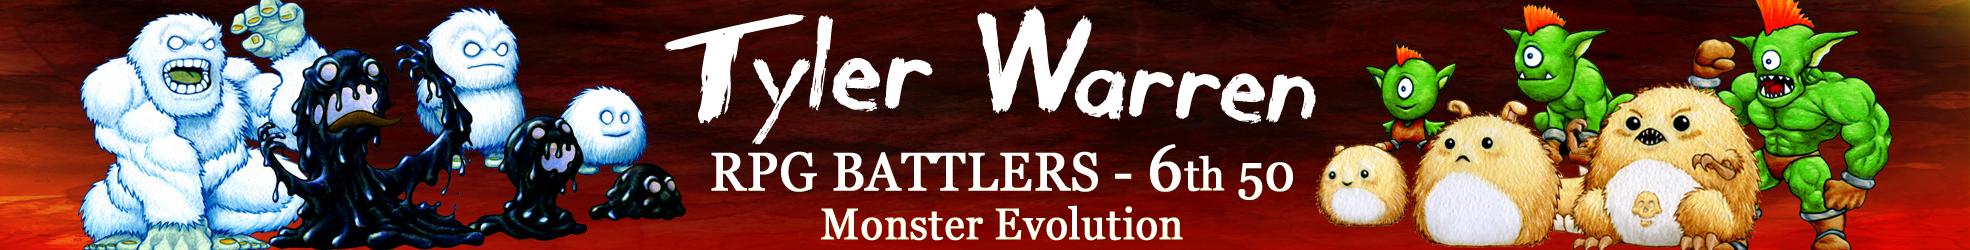 Tyler Warren RPG Battlers: Monster Evolution